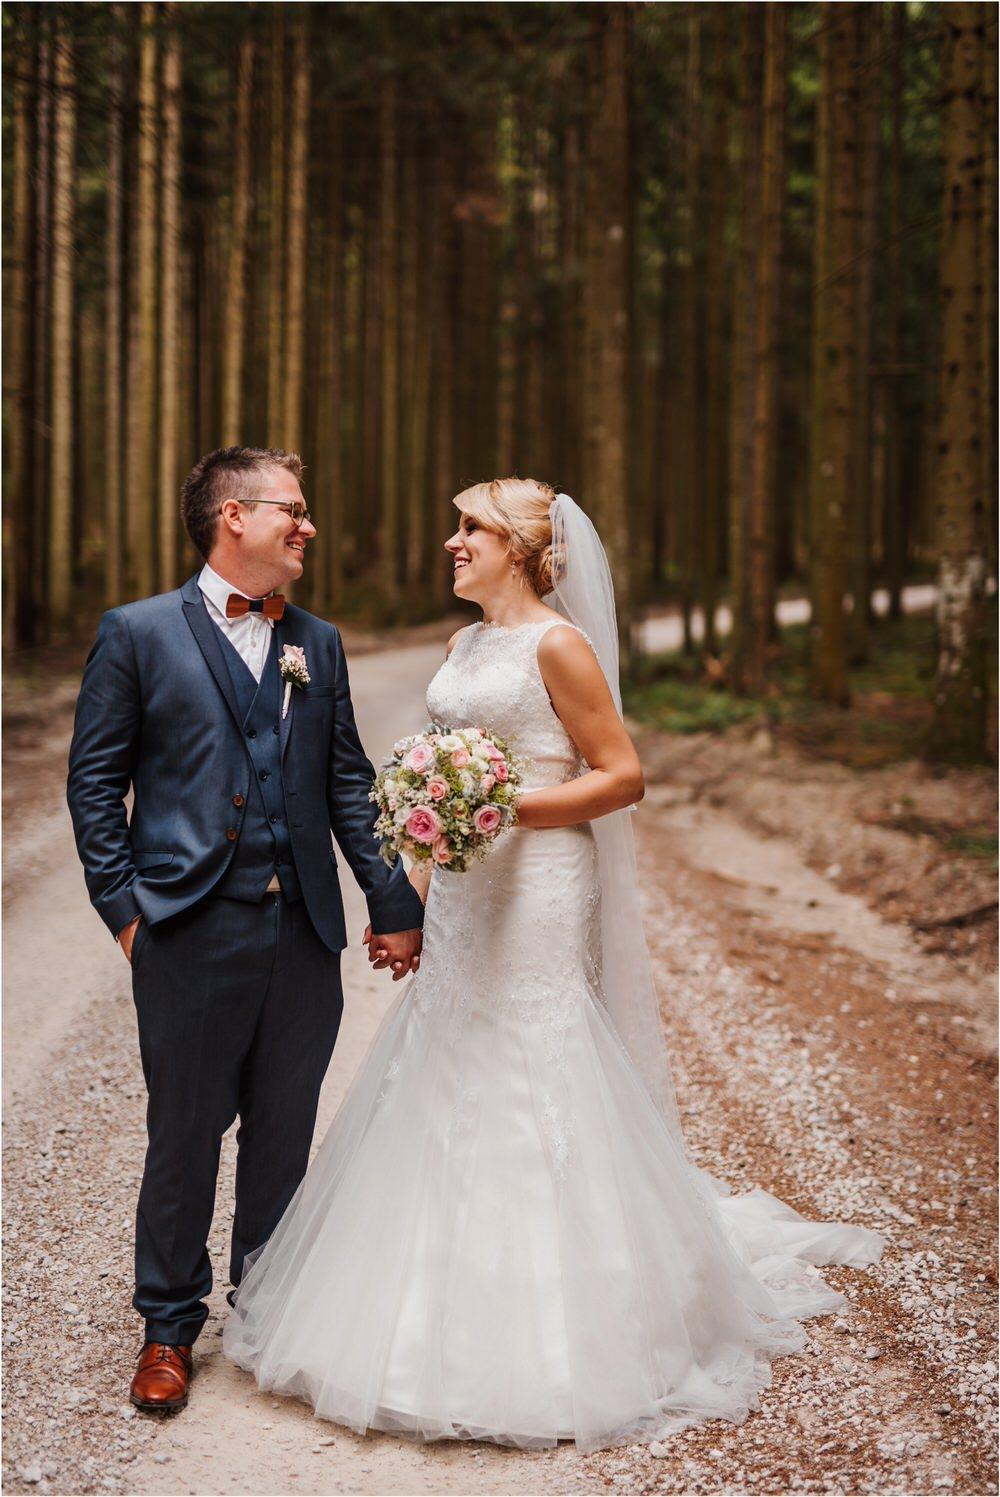 tuscany italy wedding photographer croatia austria france ireland lake bled engagement wedding porocni fotograf 0046.jpg